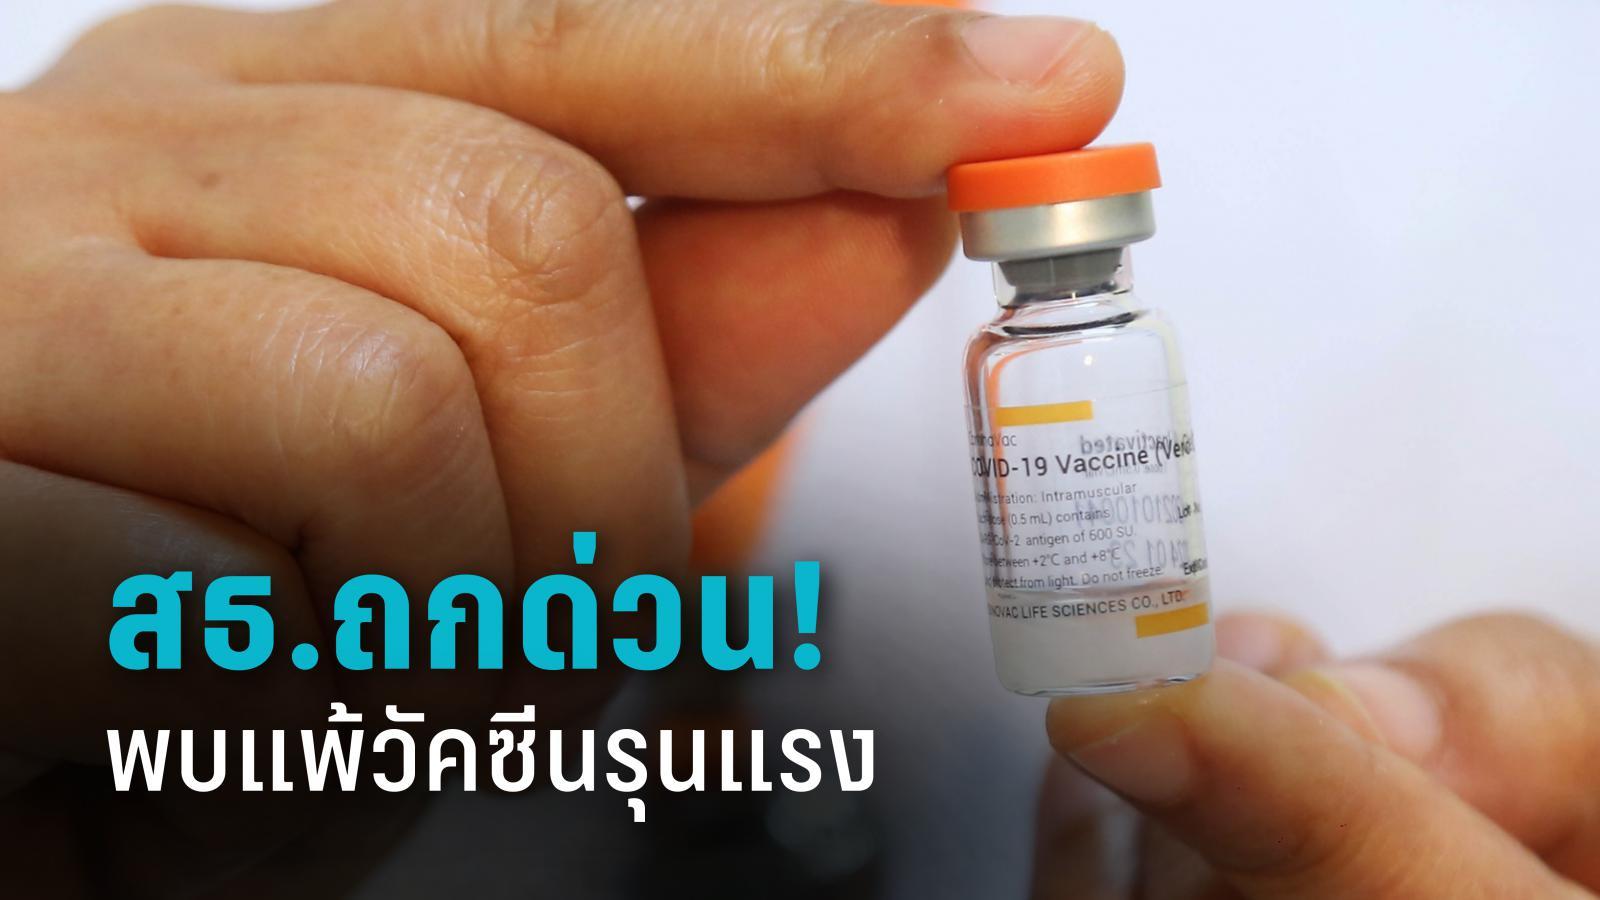 """สธ.ถกด่วน! บุคลากรทางแพทย์วัย 28 ปี แพ้วัคซีนรุนแรง โชคดีช่วยทัน ปักเข็มแล้ว 7,262 ราย รับวัคซีน """"ซิโนแวค"""""""